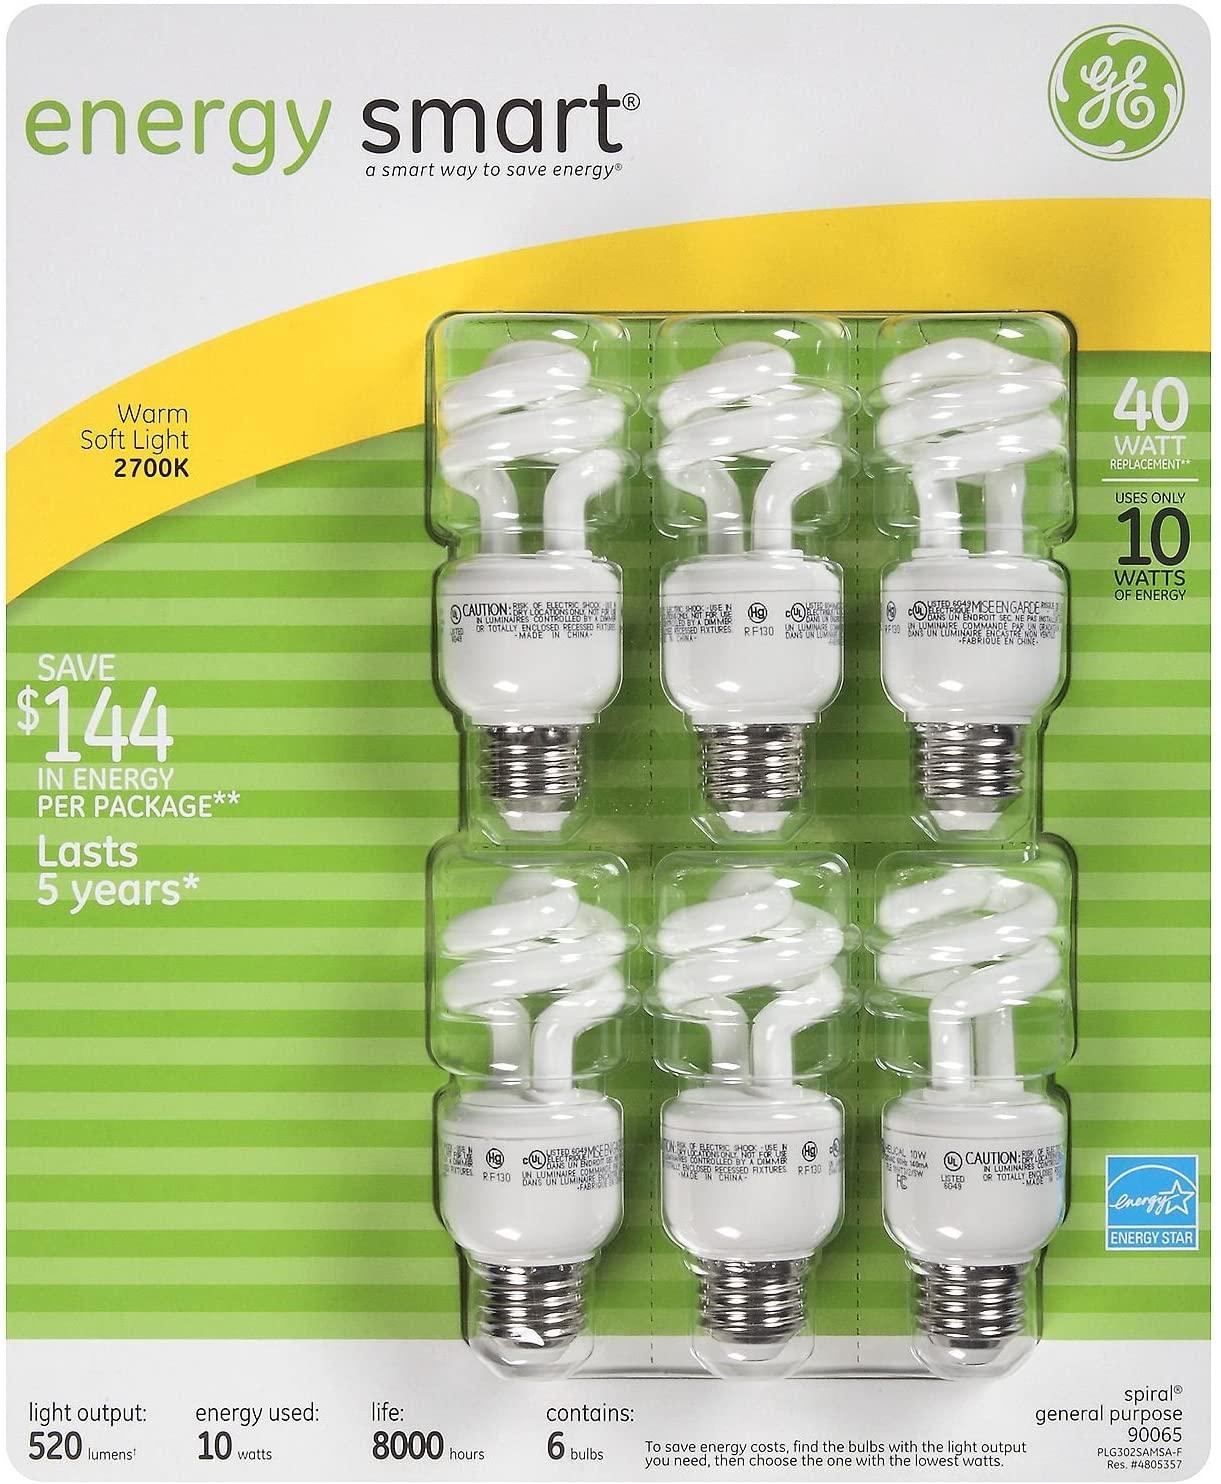 6-Pack GE Compact Flourescent (CFL) Light Bulbs 10 Watt = 40 Watt Equivalent